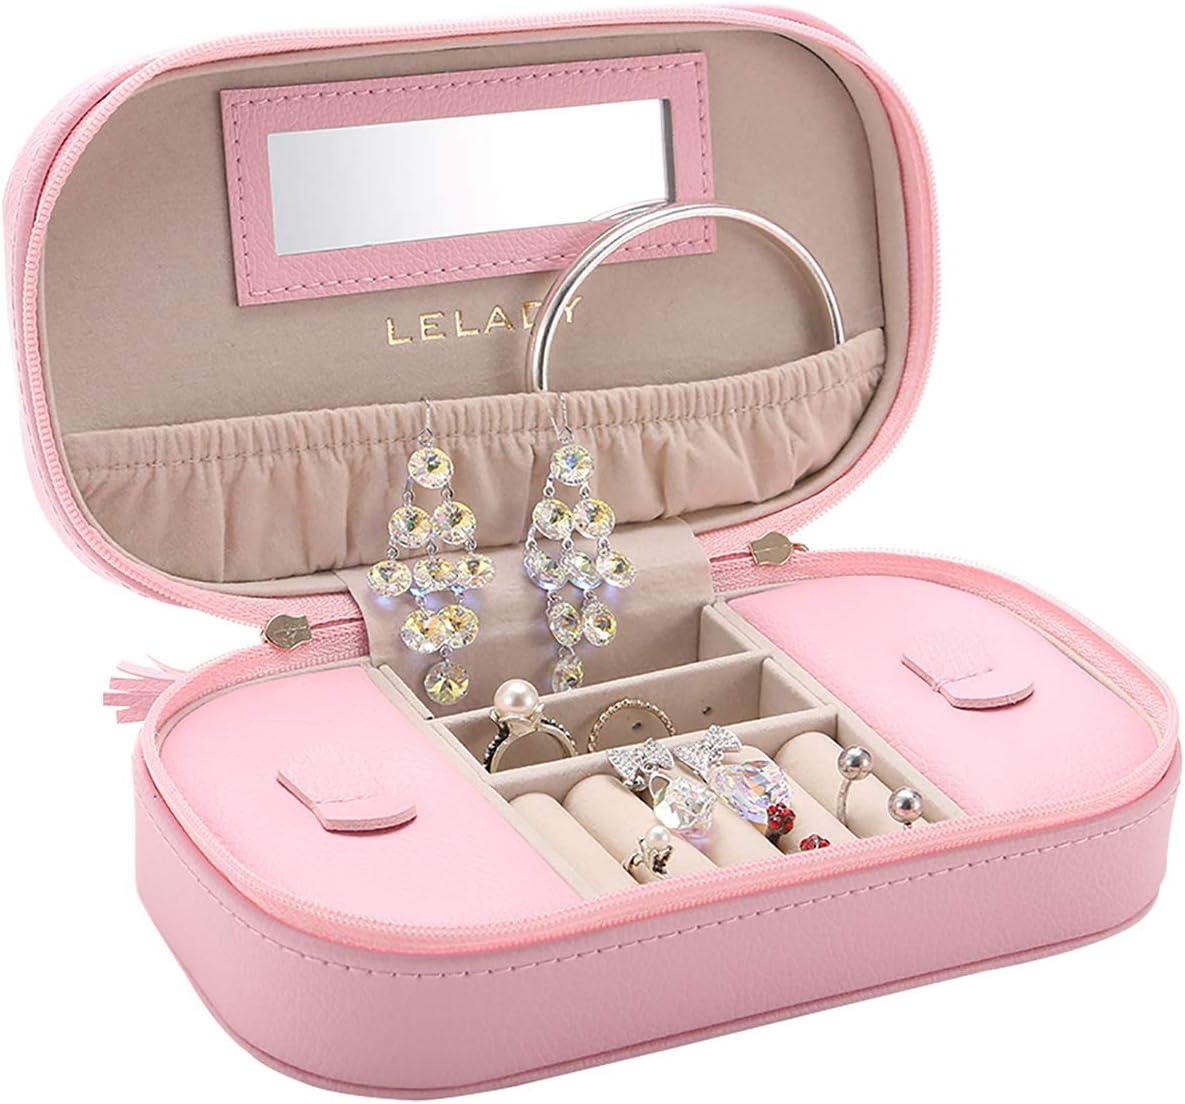 LELADY Caja Joyero Pequeña para Mujer, Joyero Viaje Cajas para Anillos, Aretes, Pendientes, Pulseras y Collares (Rosa)